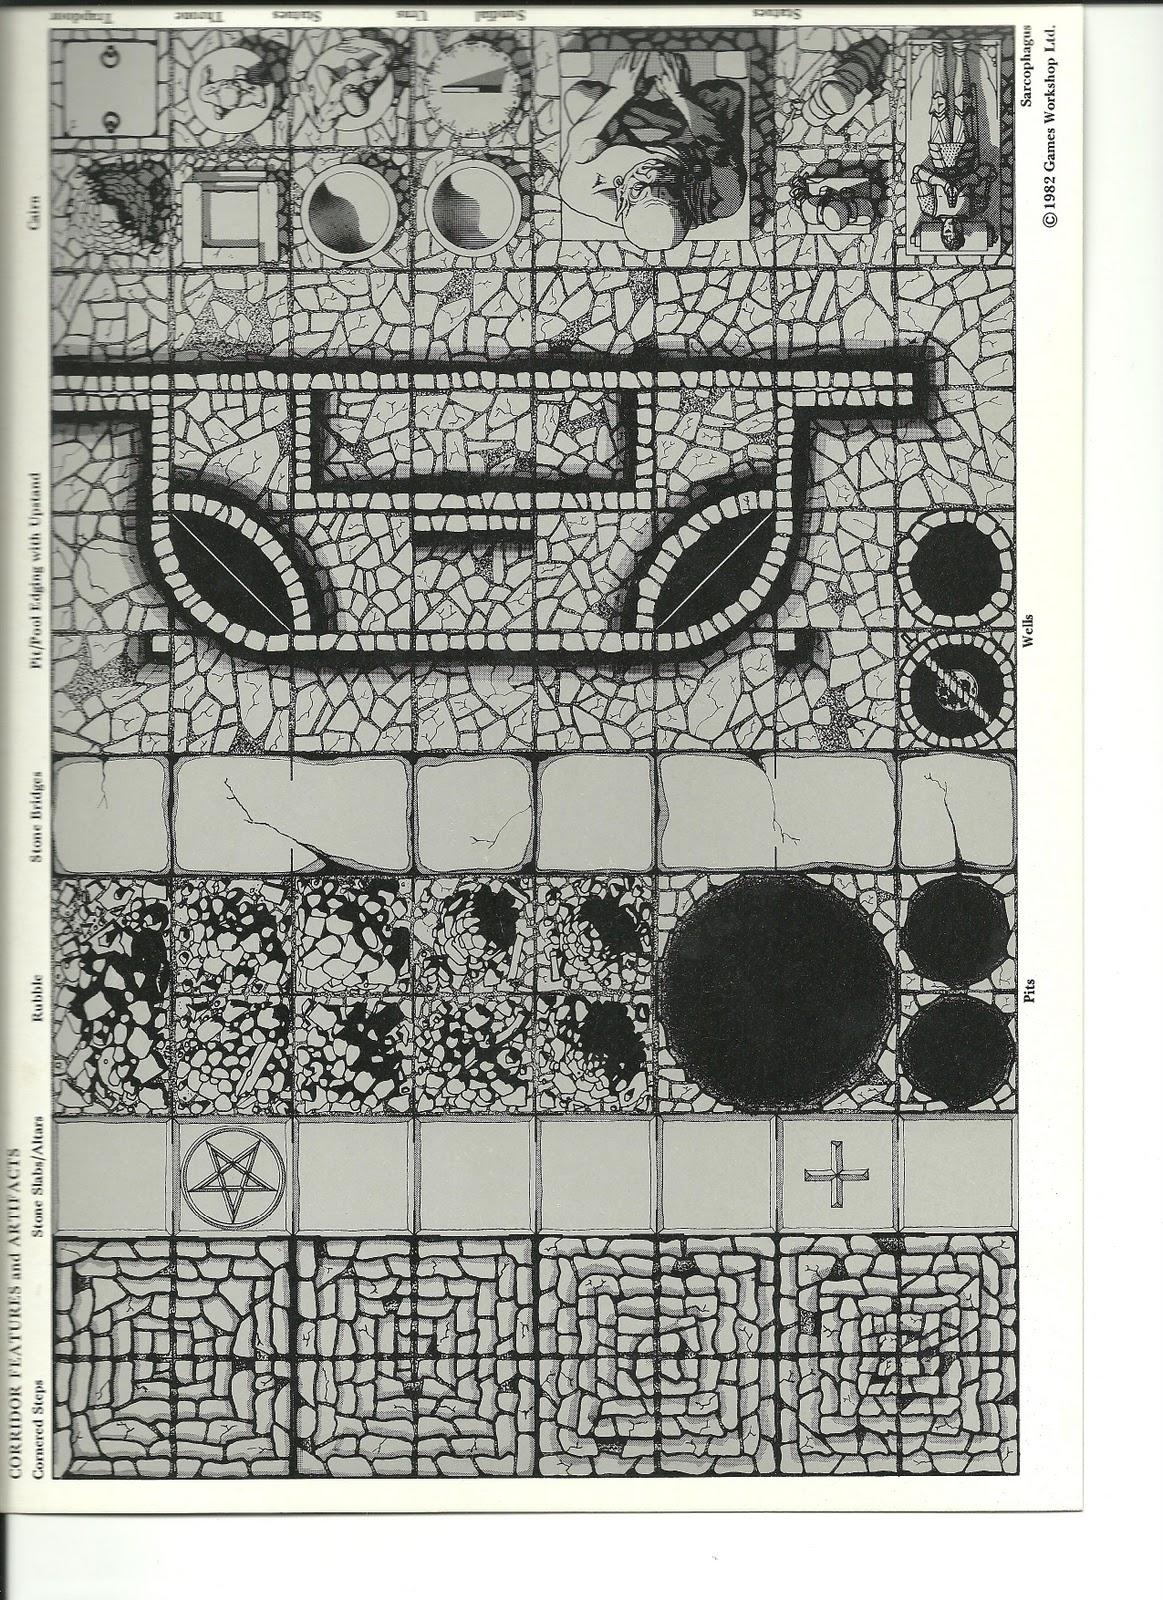 david s rpg dungeon floor plans 2 david s rpg dungeon floor plans